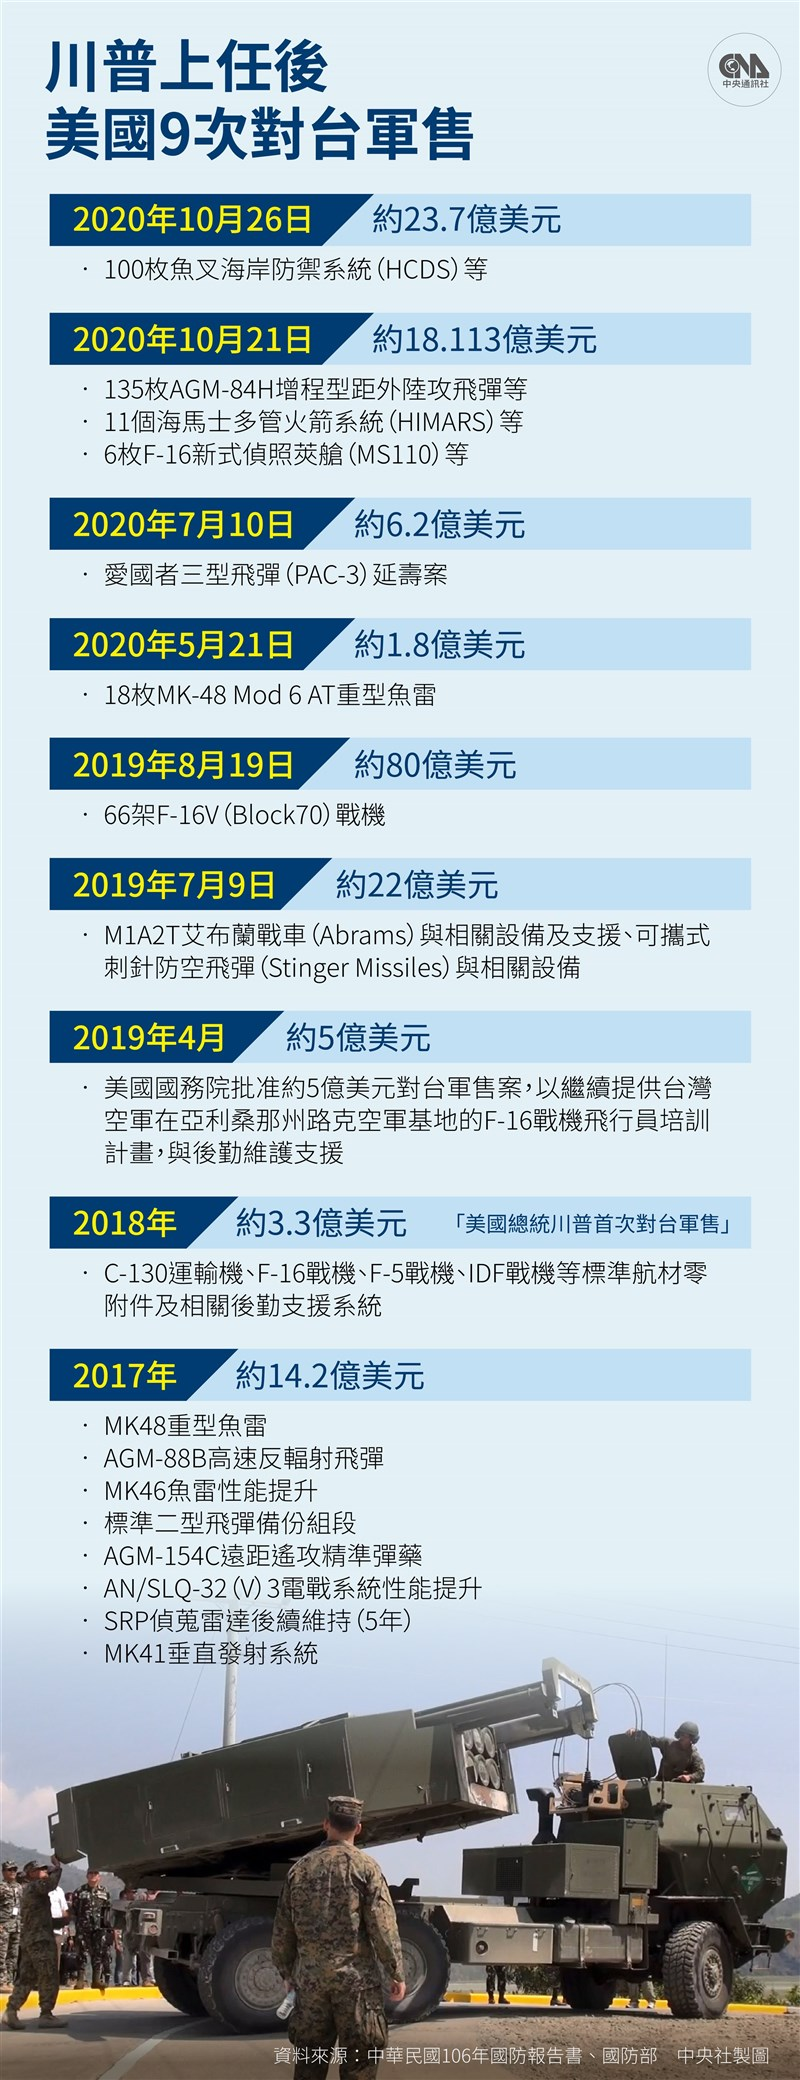 繼21日後,美國政府26日再度宣布對台軍售,將售台100枚魚叉反艦飛彈,總額約23.7億美元。(中央社製圖)